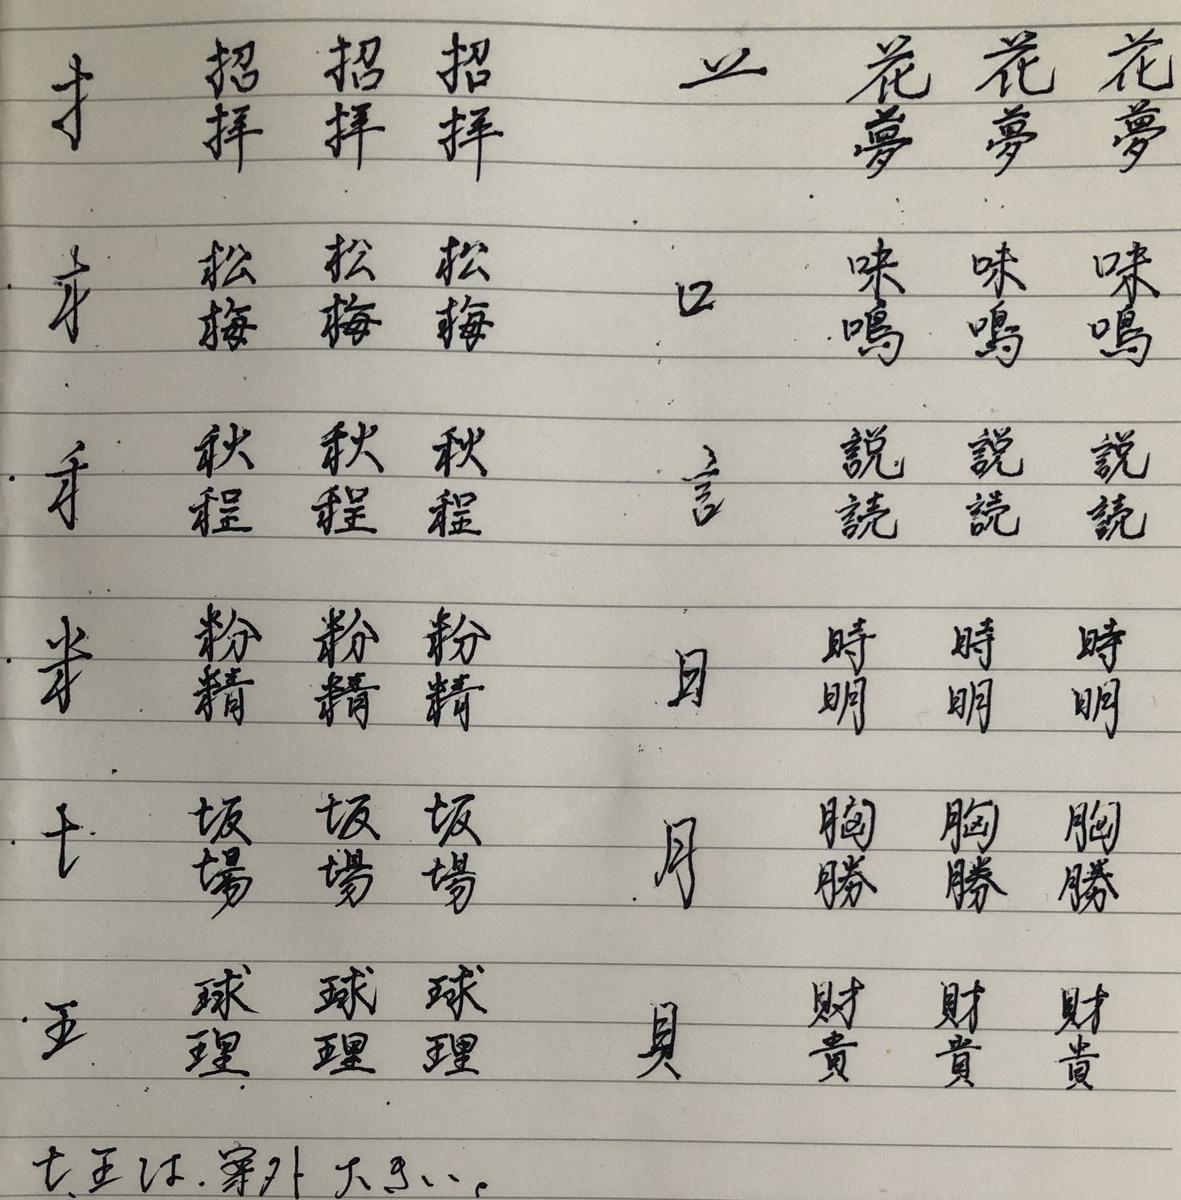 f:id:shioaji78:20200802174301j:plain